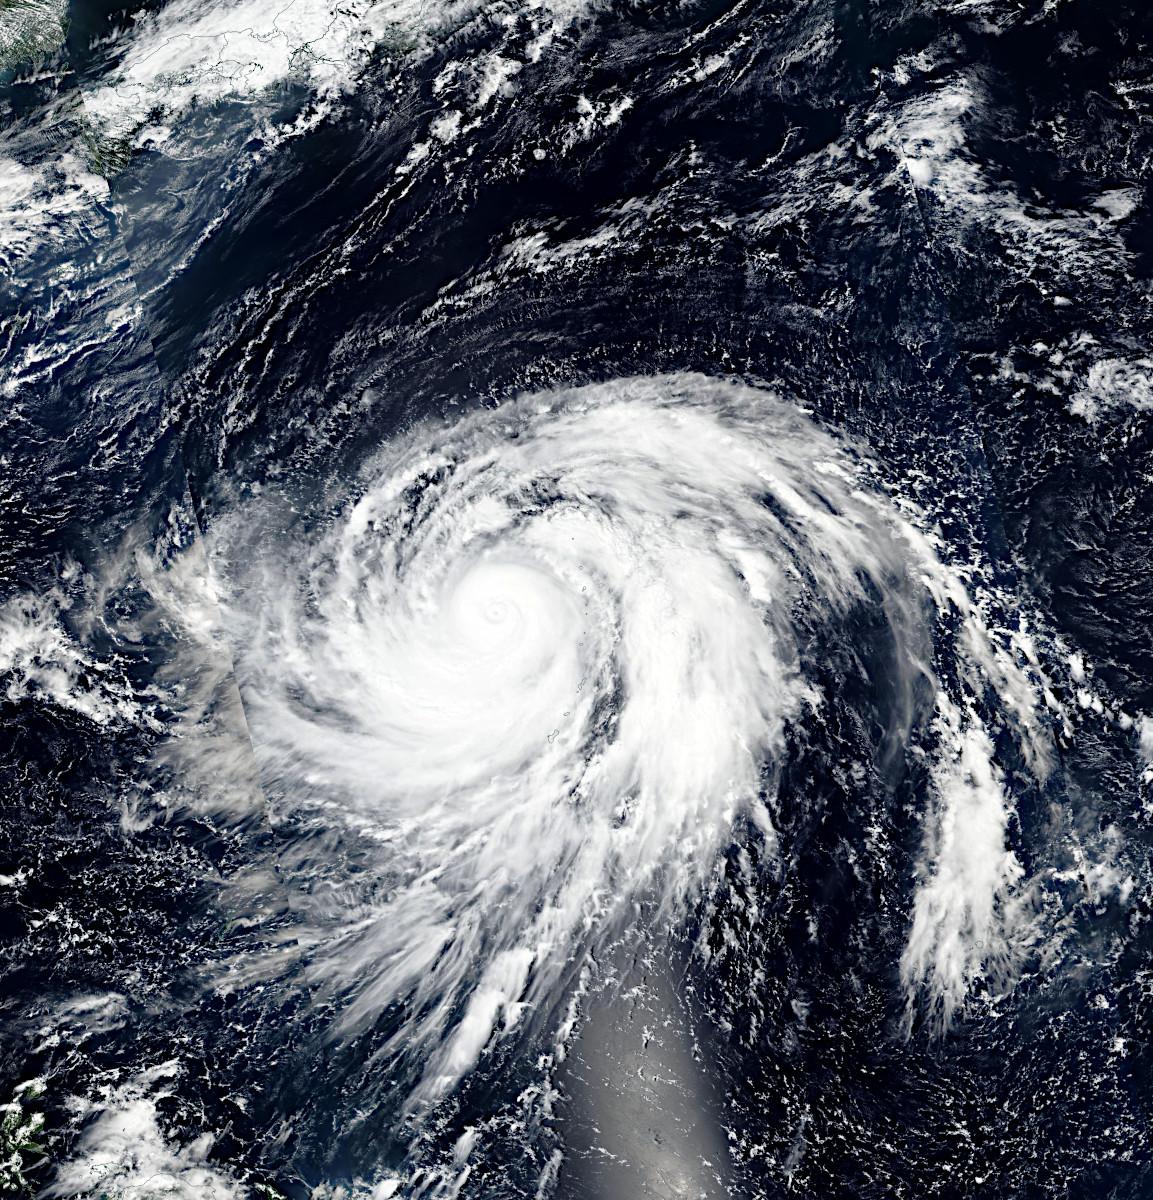 スオミNPP衛星がとらえた、日本列島に近づきつつある台風19号